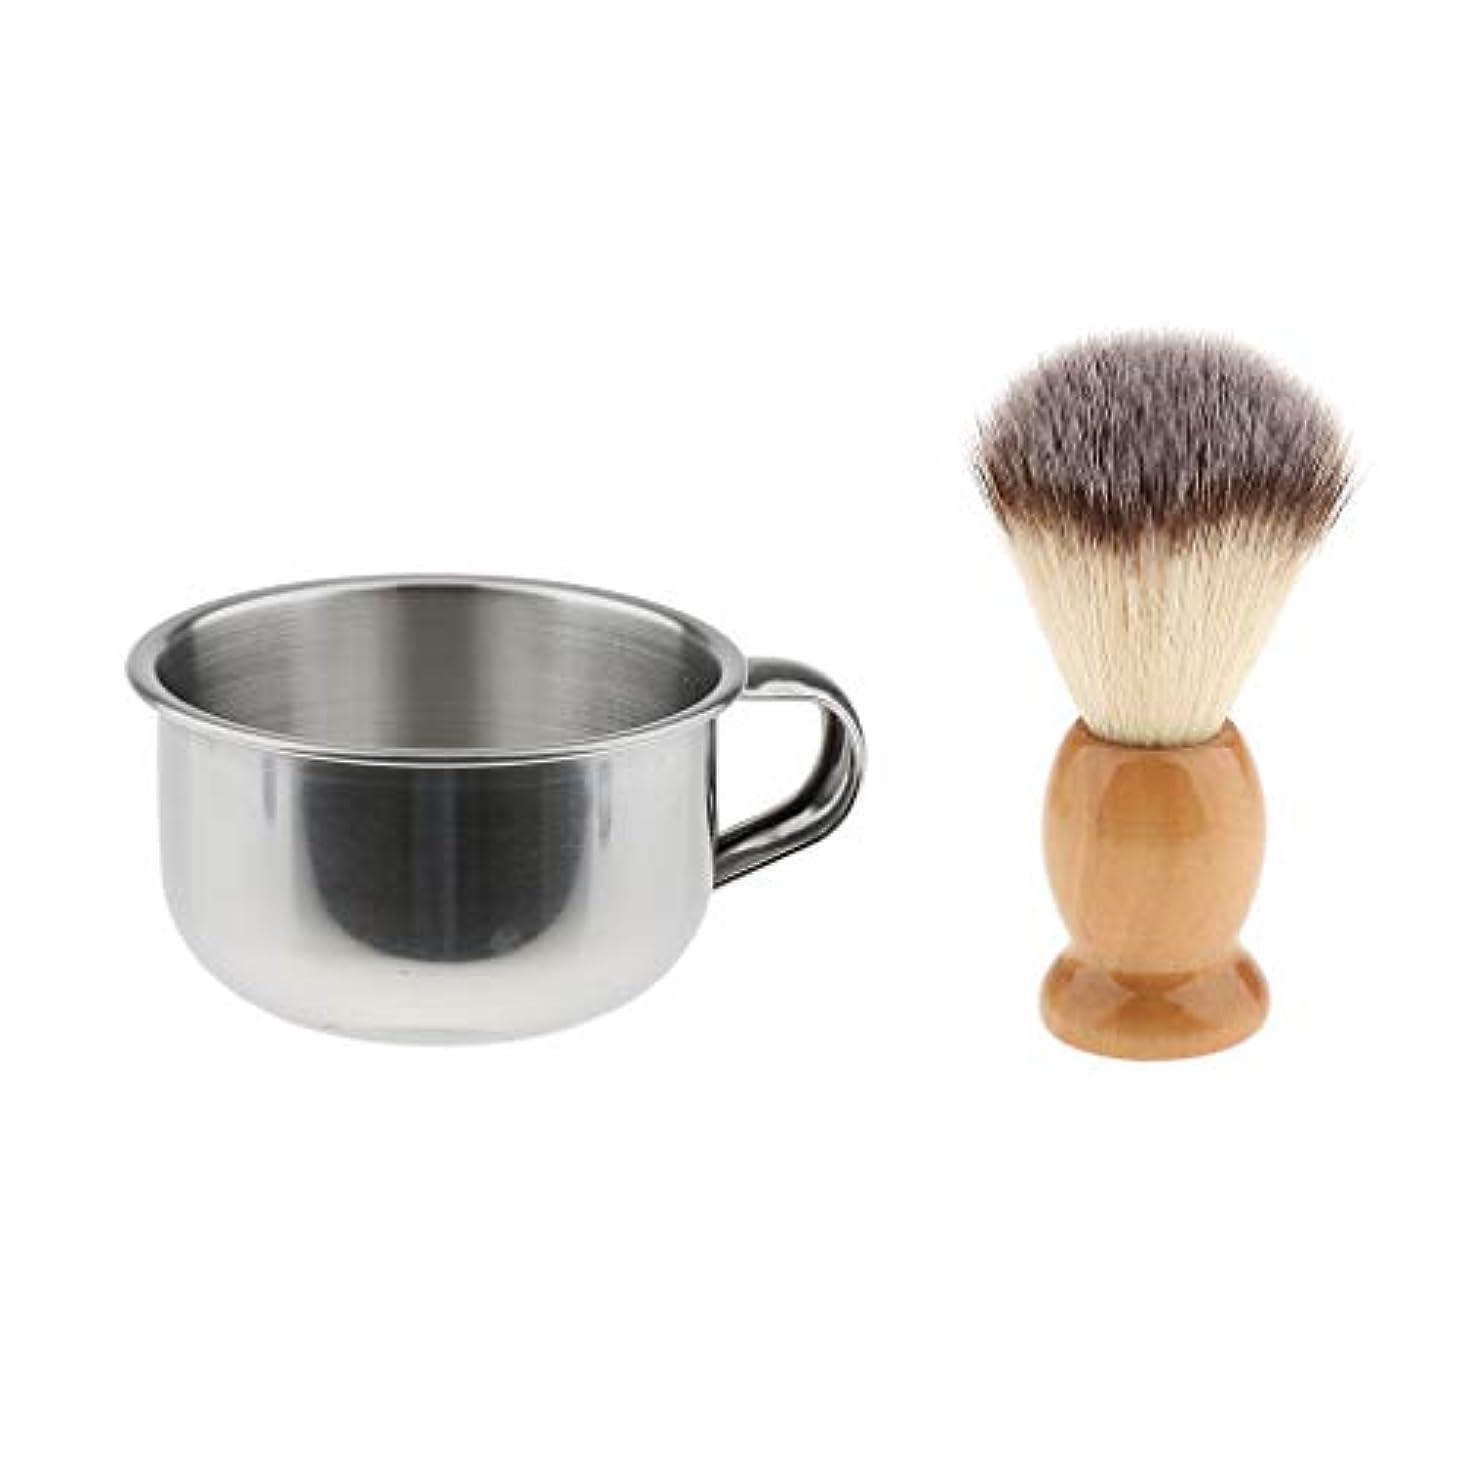 抱擁出口多用途dailymall 2pcsの男性のひげの毛づくろうの木のシェービングブラシボウルのマグカップセット